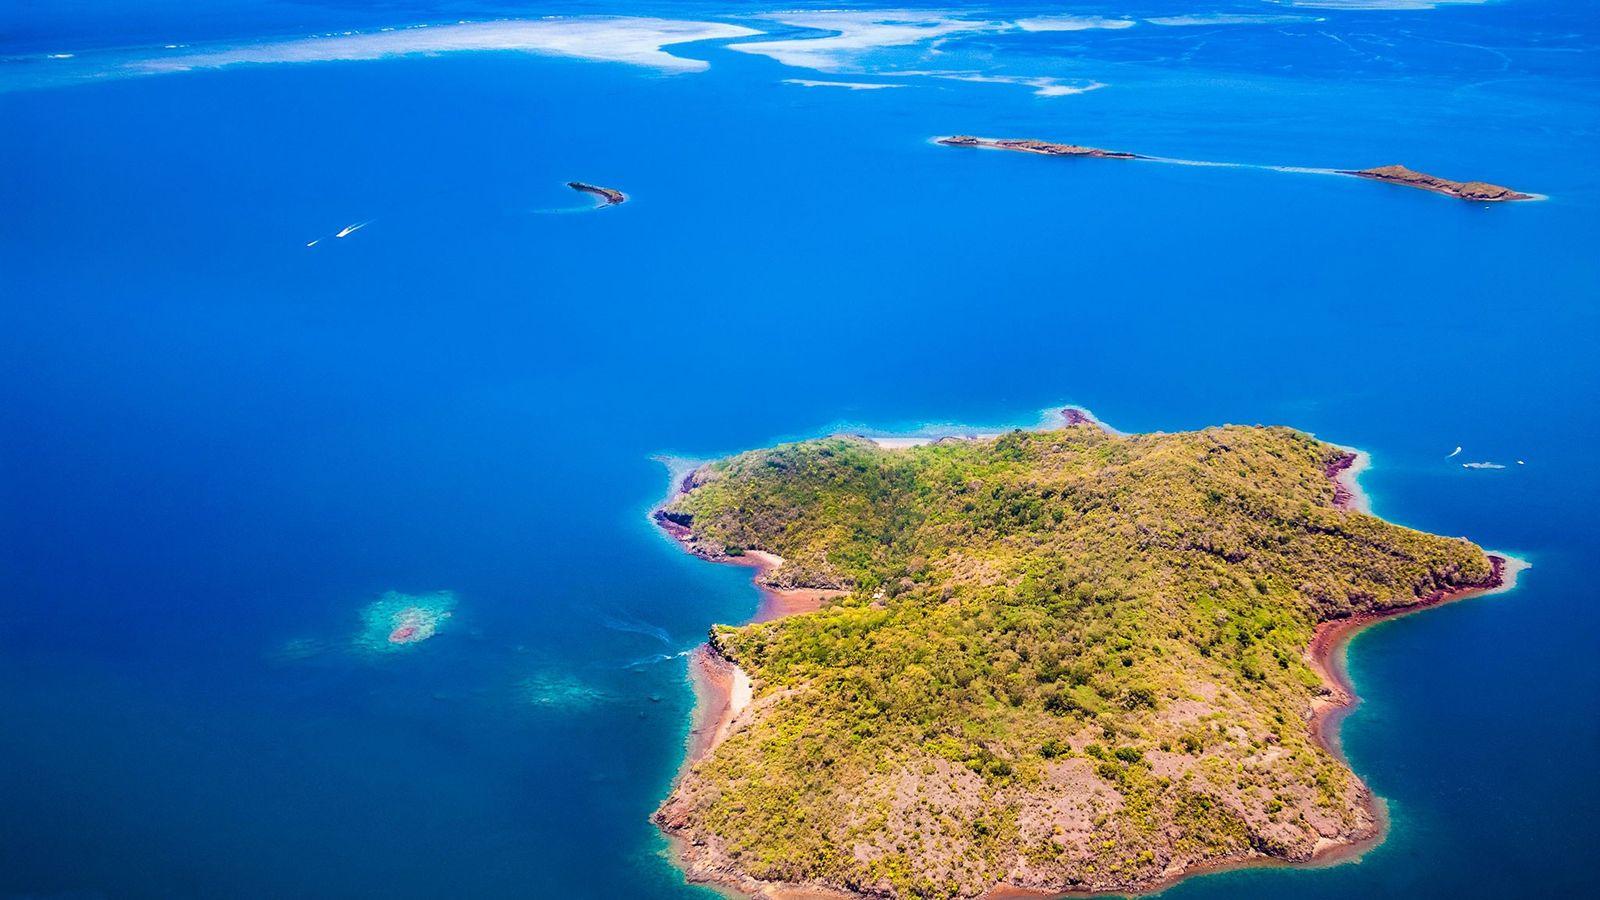 Desde maio de 2018, um estranho enxame sísmico se propaga ao redor de Mayotte, que inclui ...